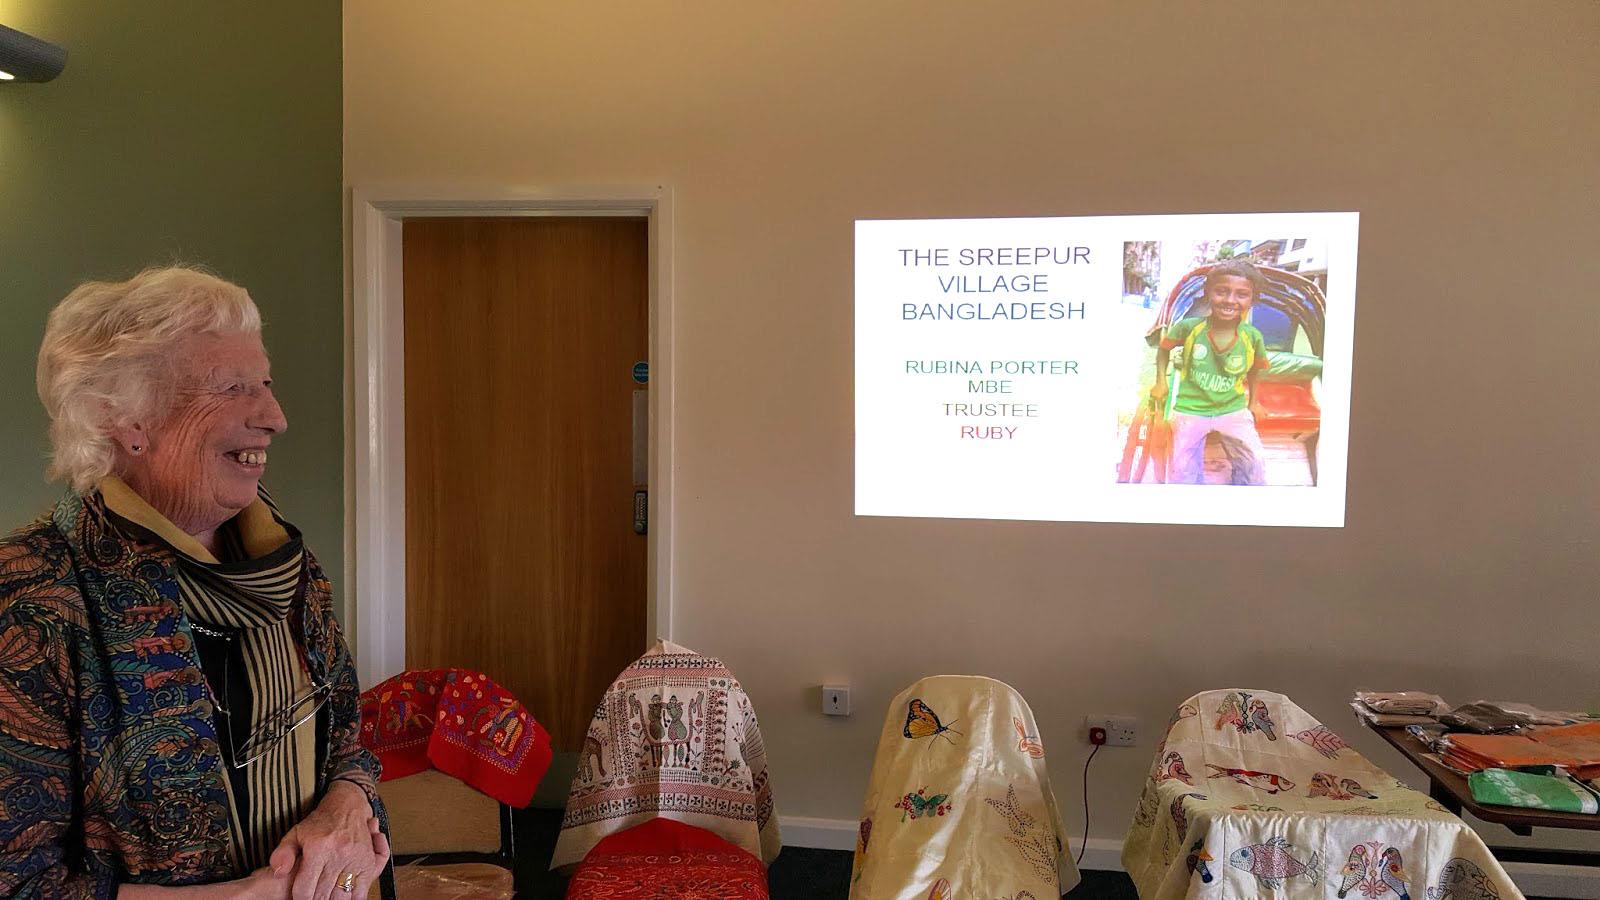 Rubina Porter MBE visit to Glossop EG 2017